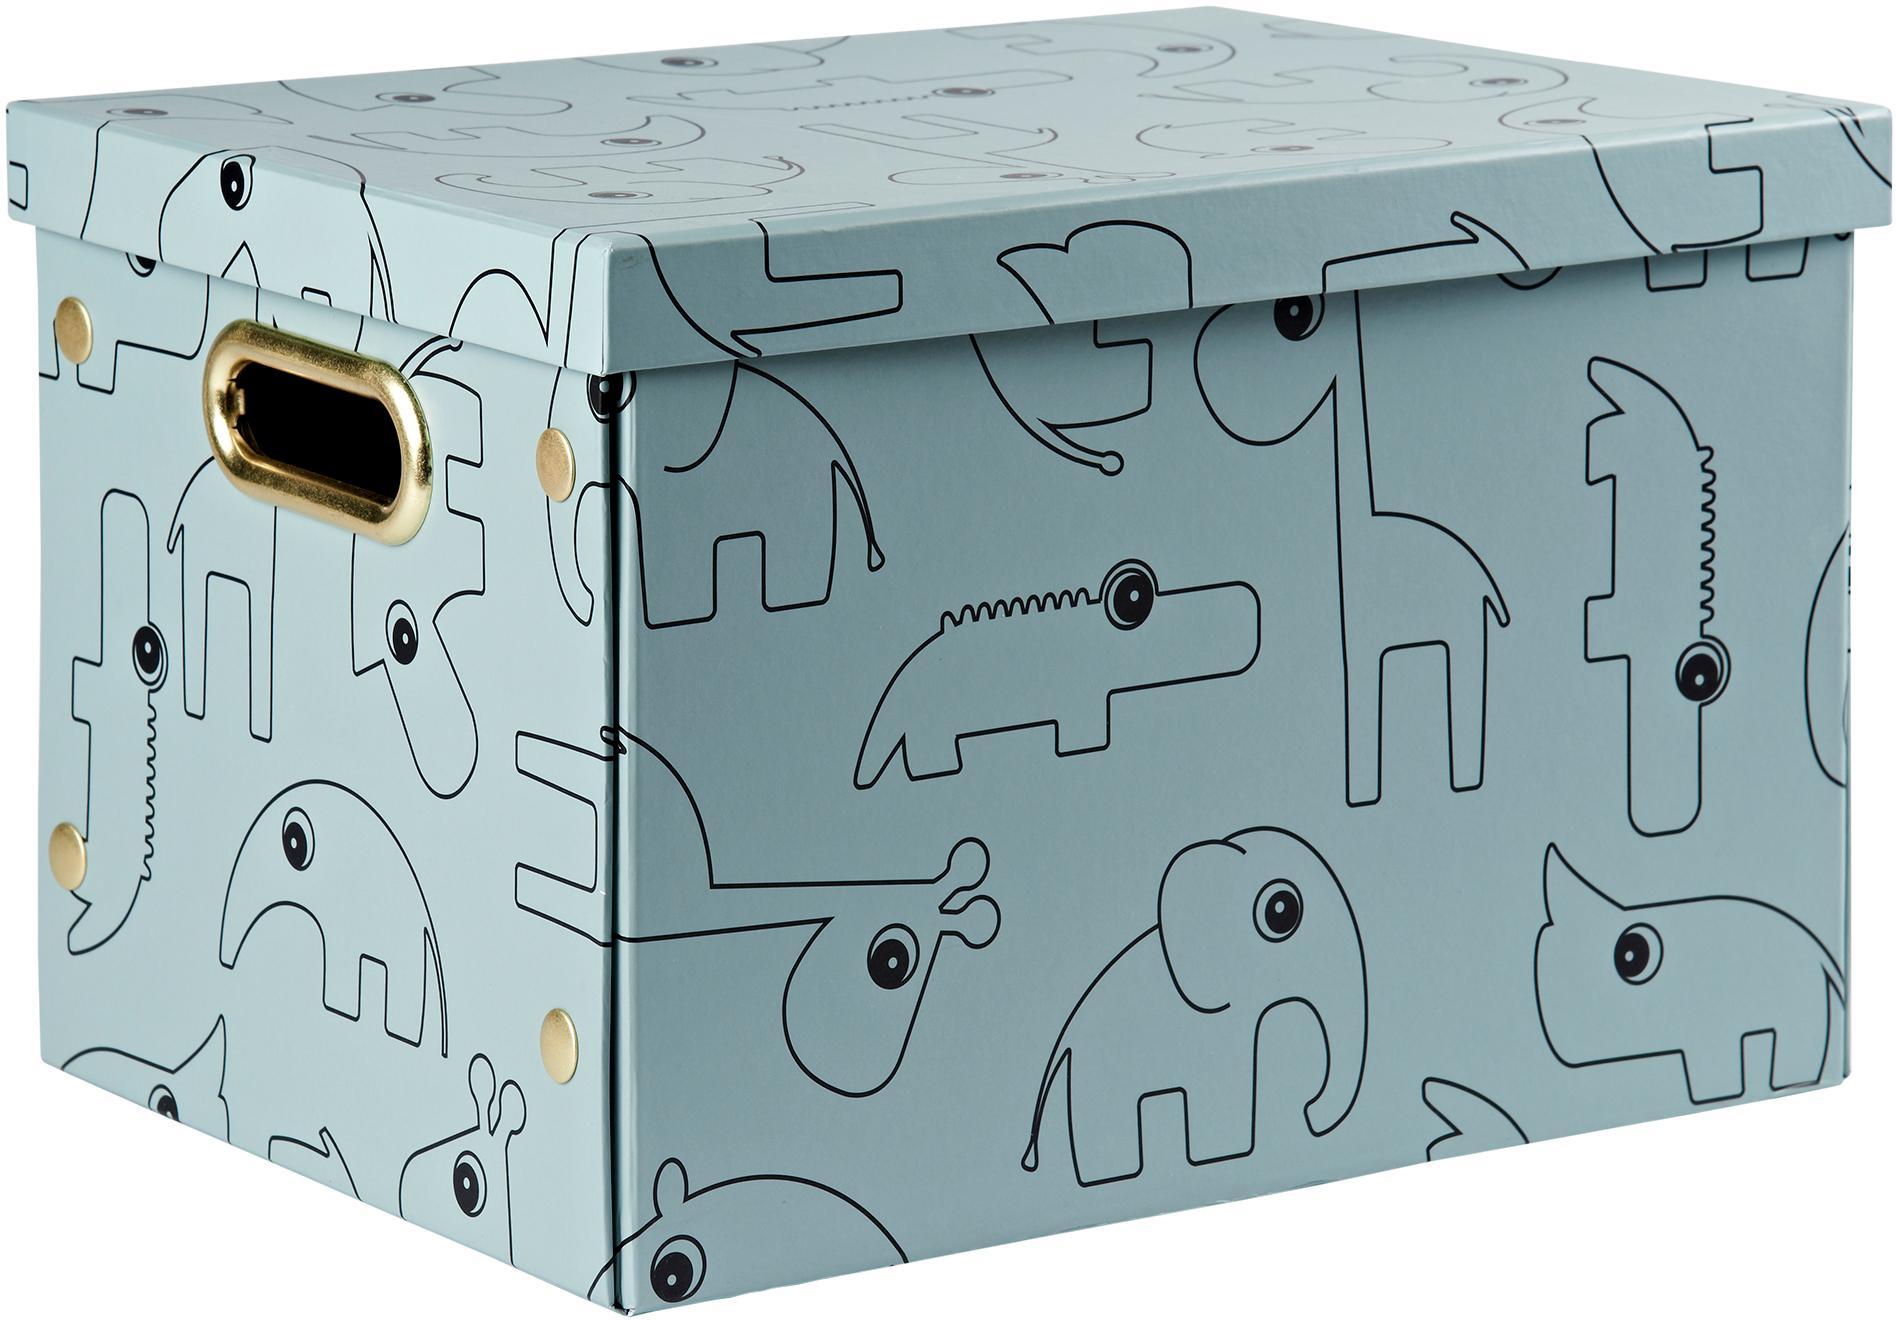 Aufbewahrungsbox Contour, Karton, laminiert, Blau, 25 x 34 cm